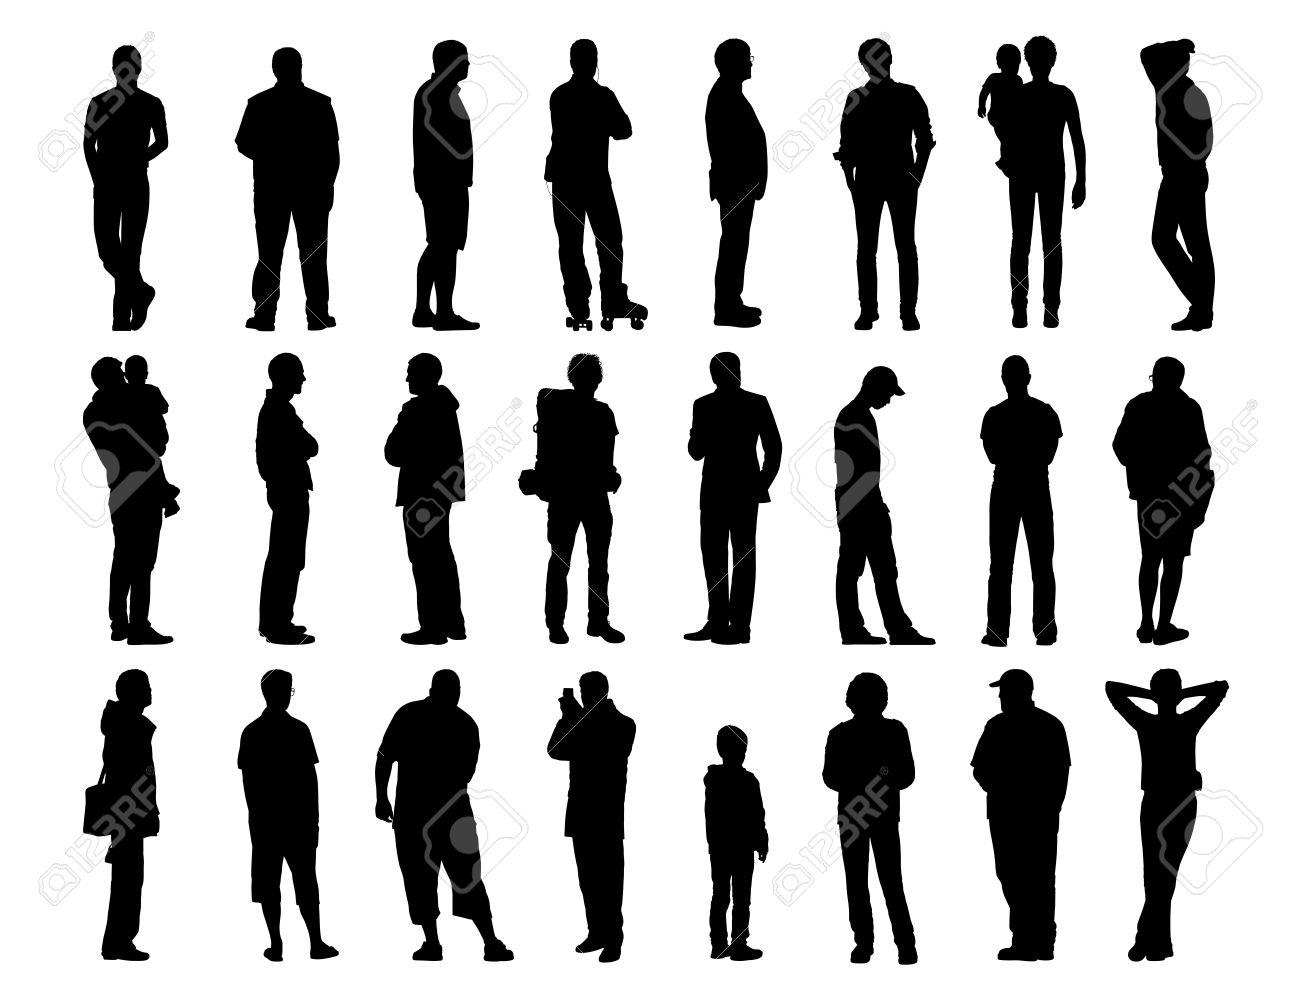 Sagome Persone Nere.Grande Insieme Di Sagome Nere Di Uomini Di Diverse Eta In Piedi In Diverse Posture Il Viso Il Profilo E Posteriore